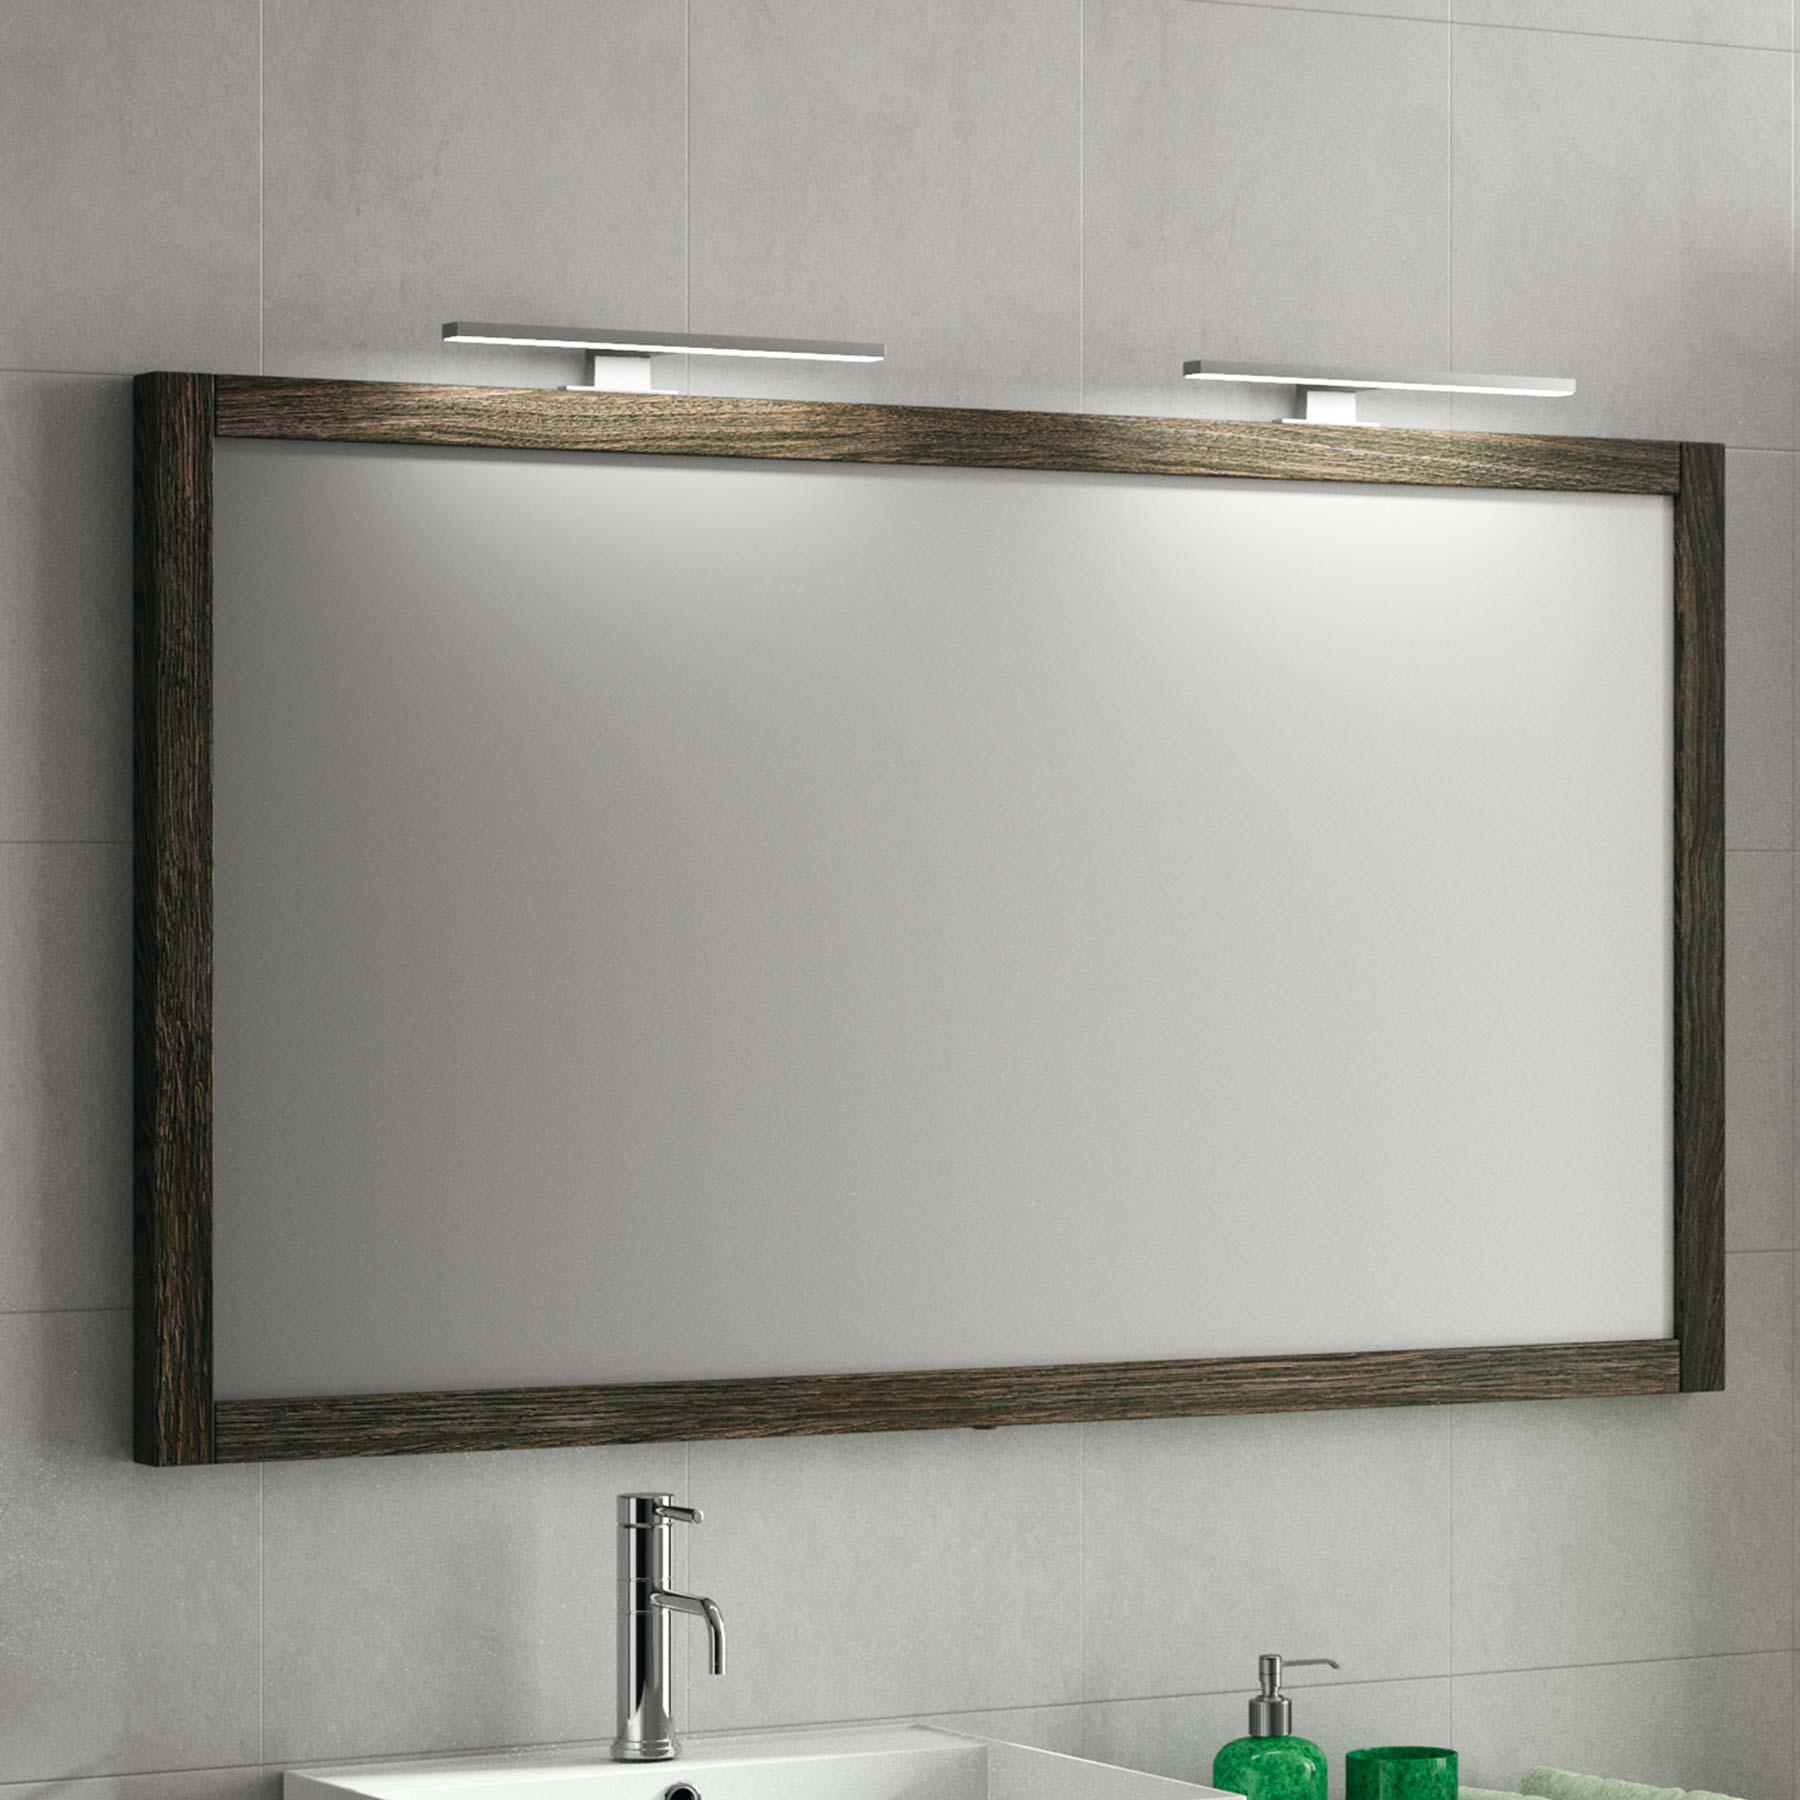 miroirs meubles de salle de bains baignoires fabricant. Black Bedroom Furniture Sets. Home Design Ideas